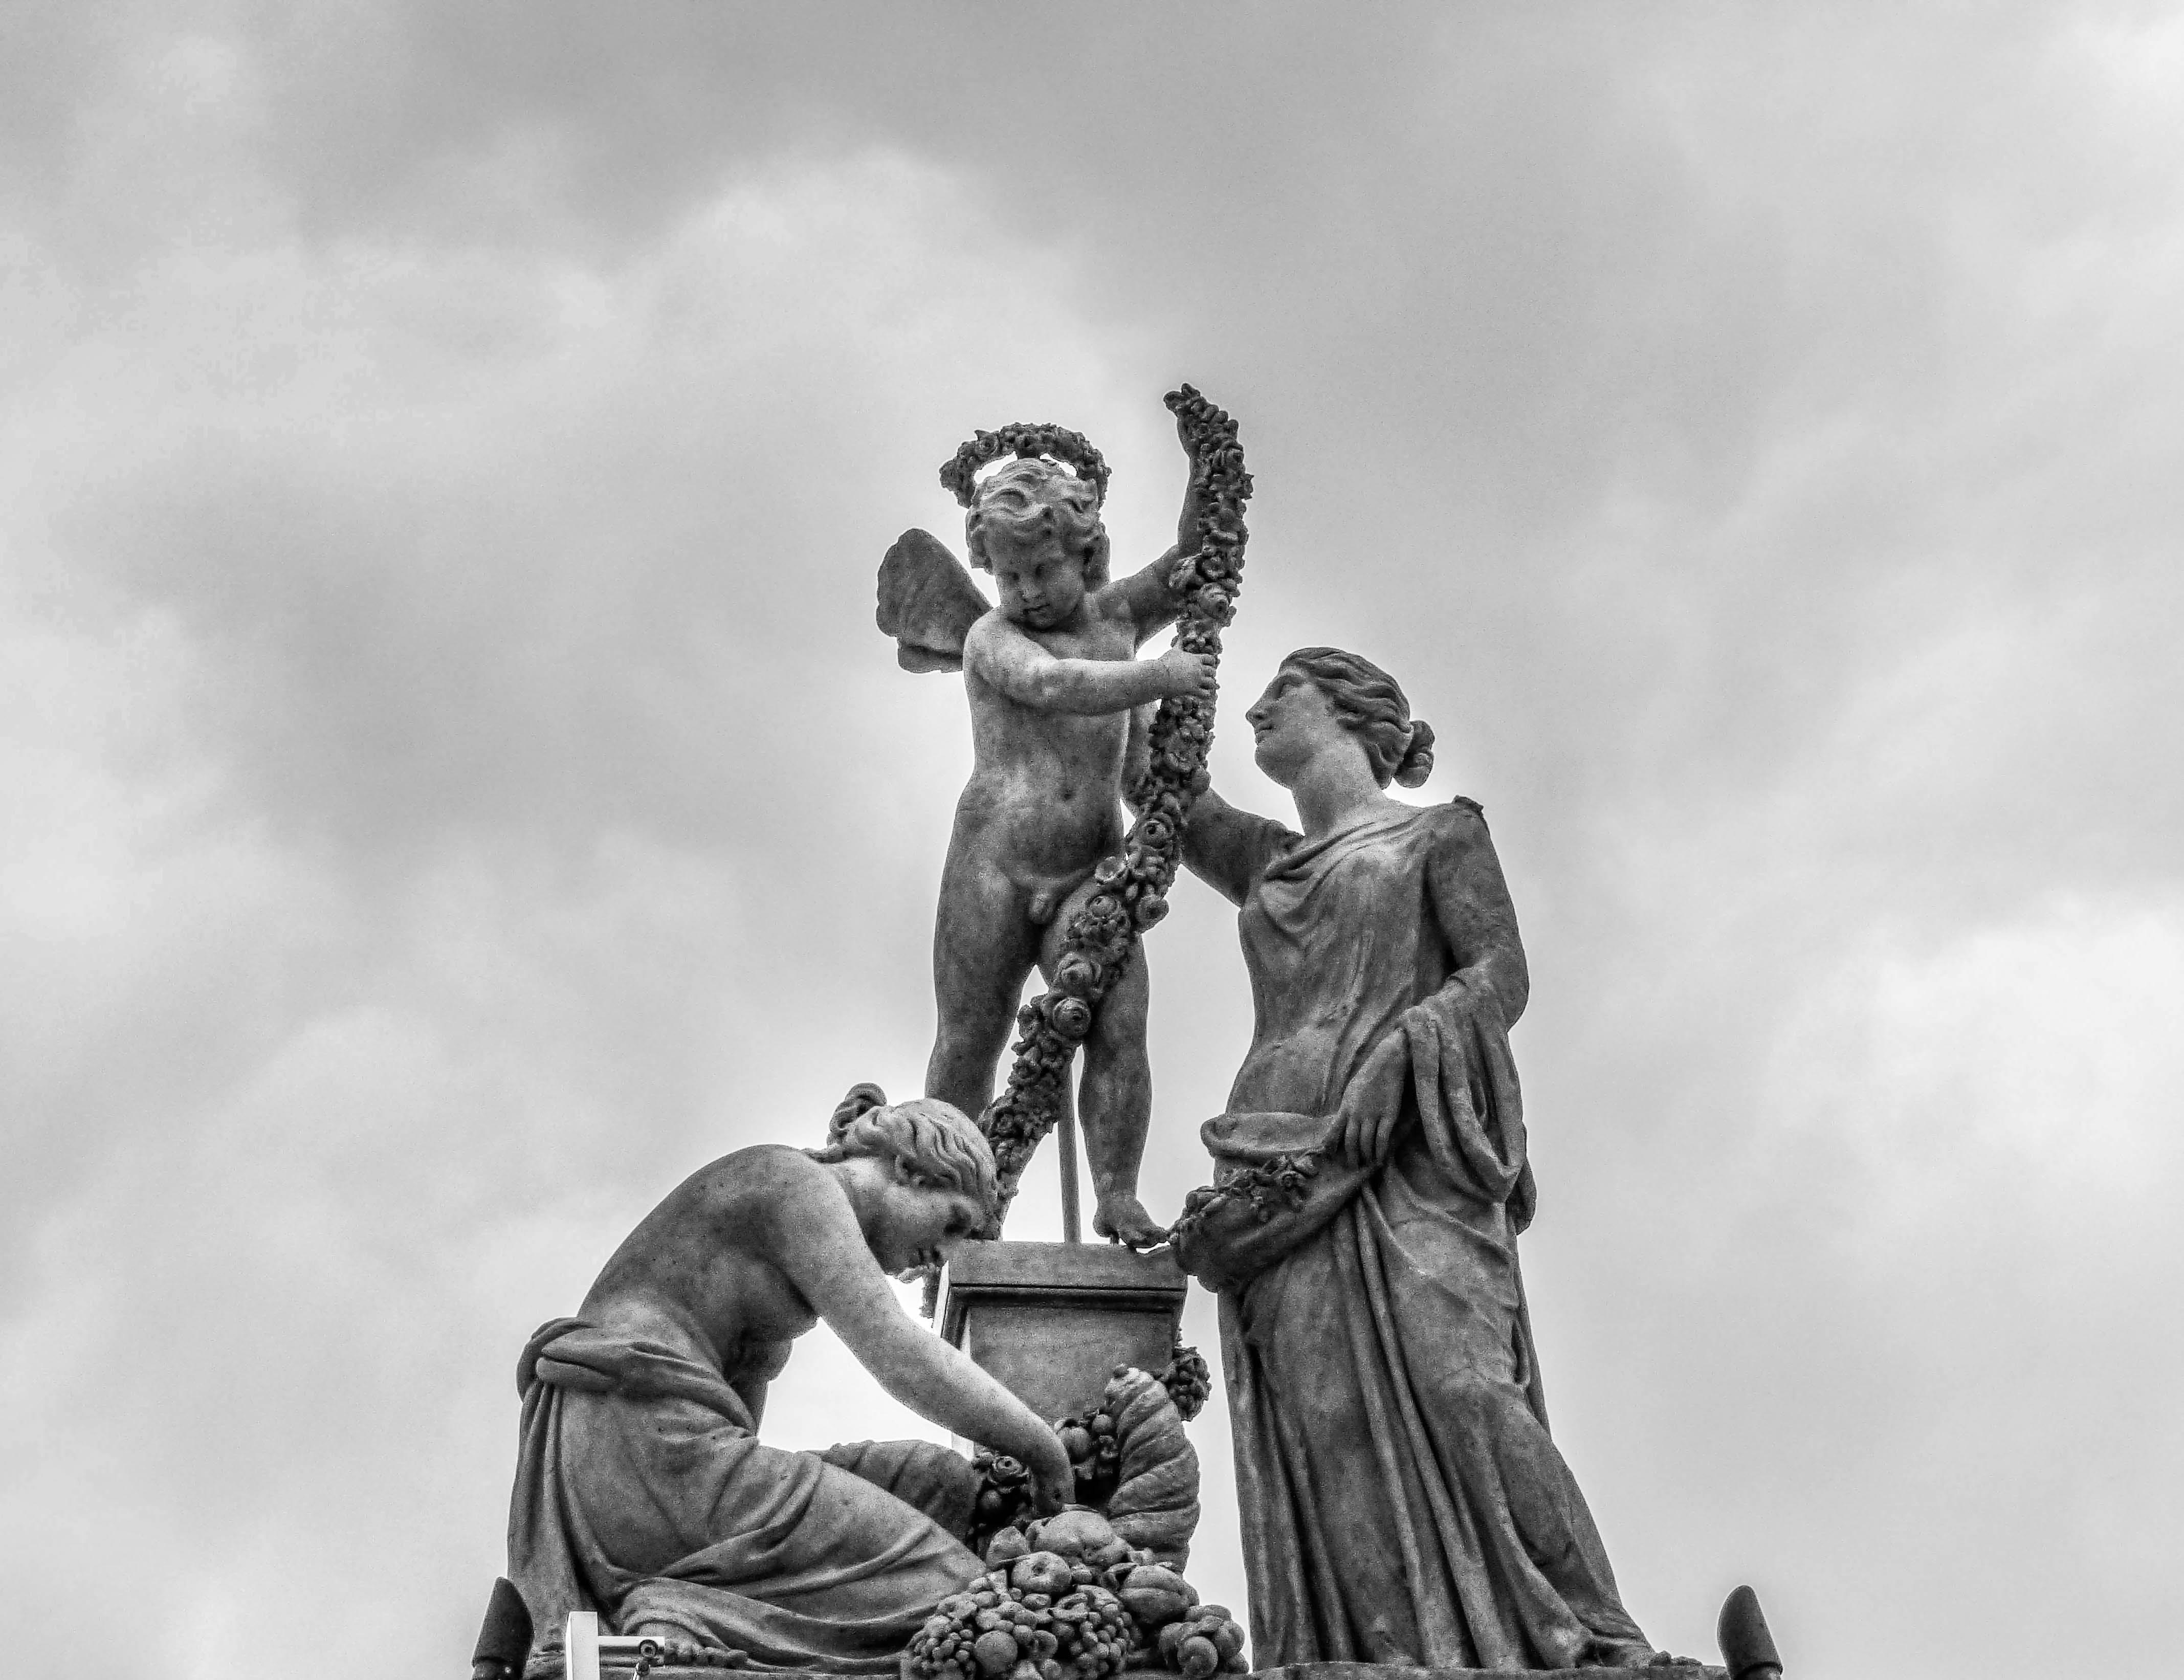 Cherub Statuette